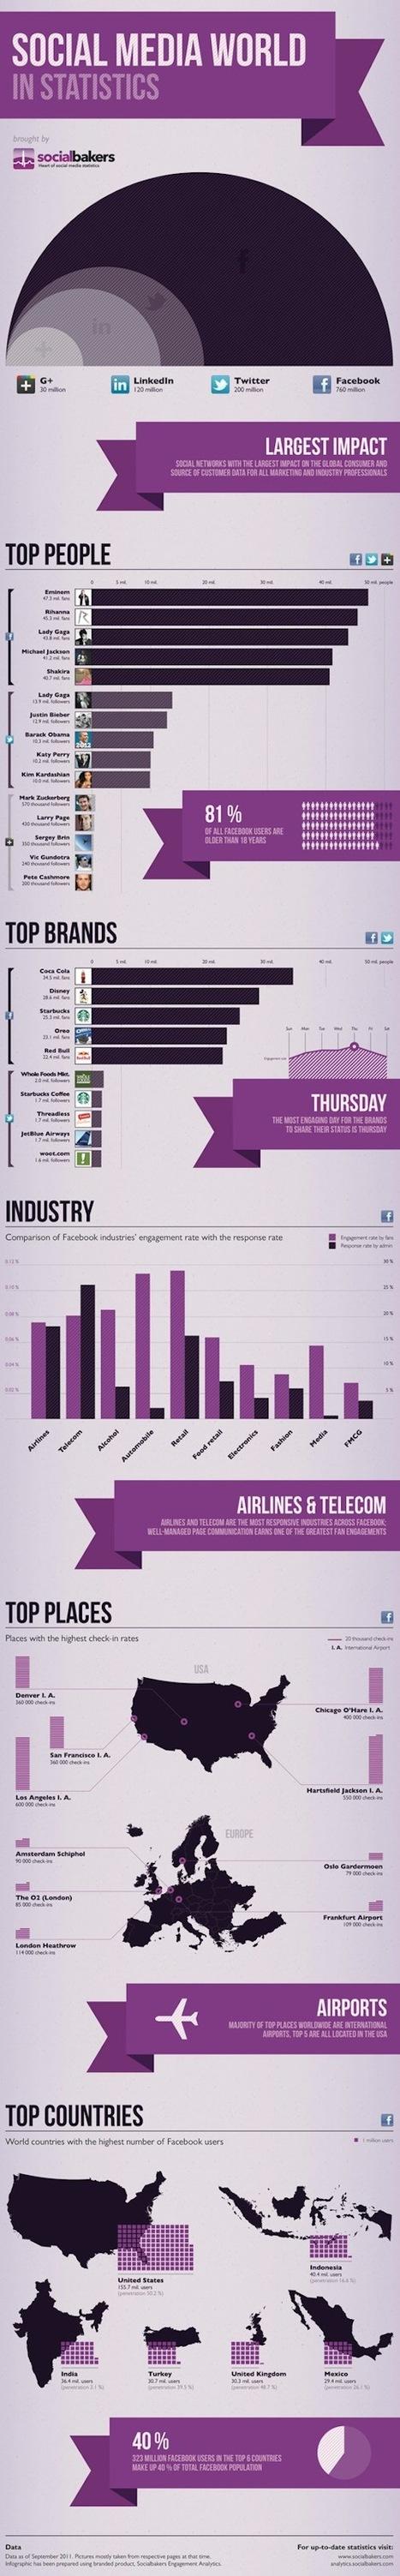 [Infographie] Les chiffres clefs des médias sociaux à travers le monde | Communication & médias sociaux | Scoop.it